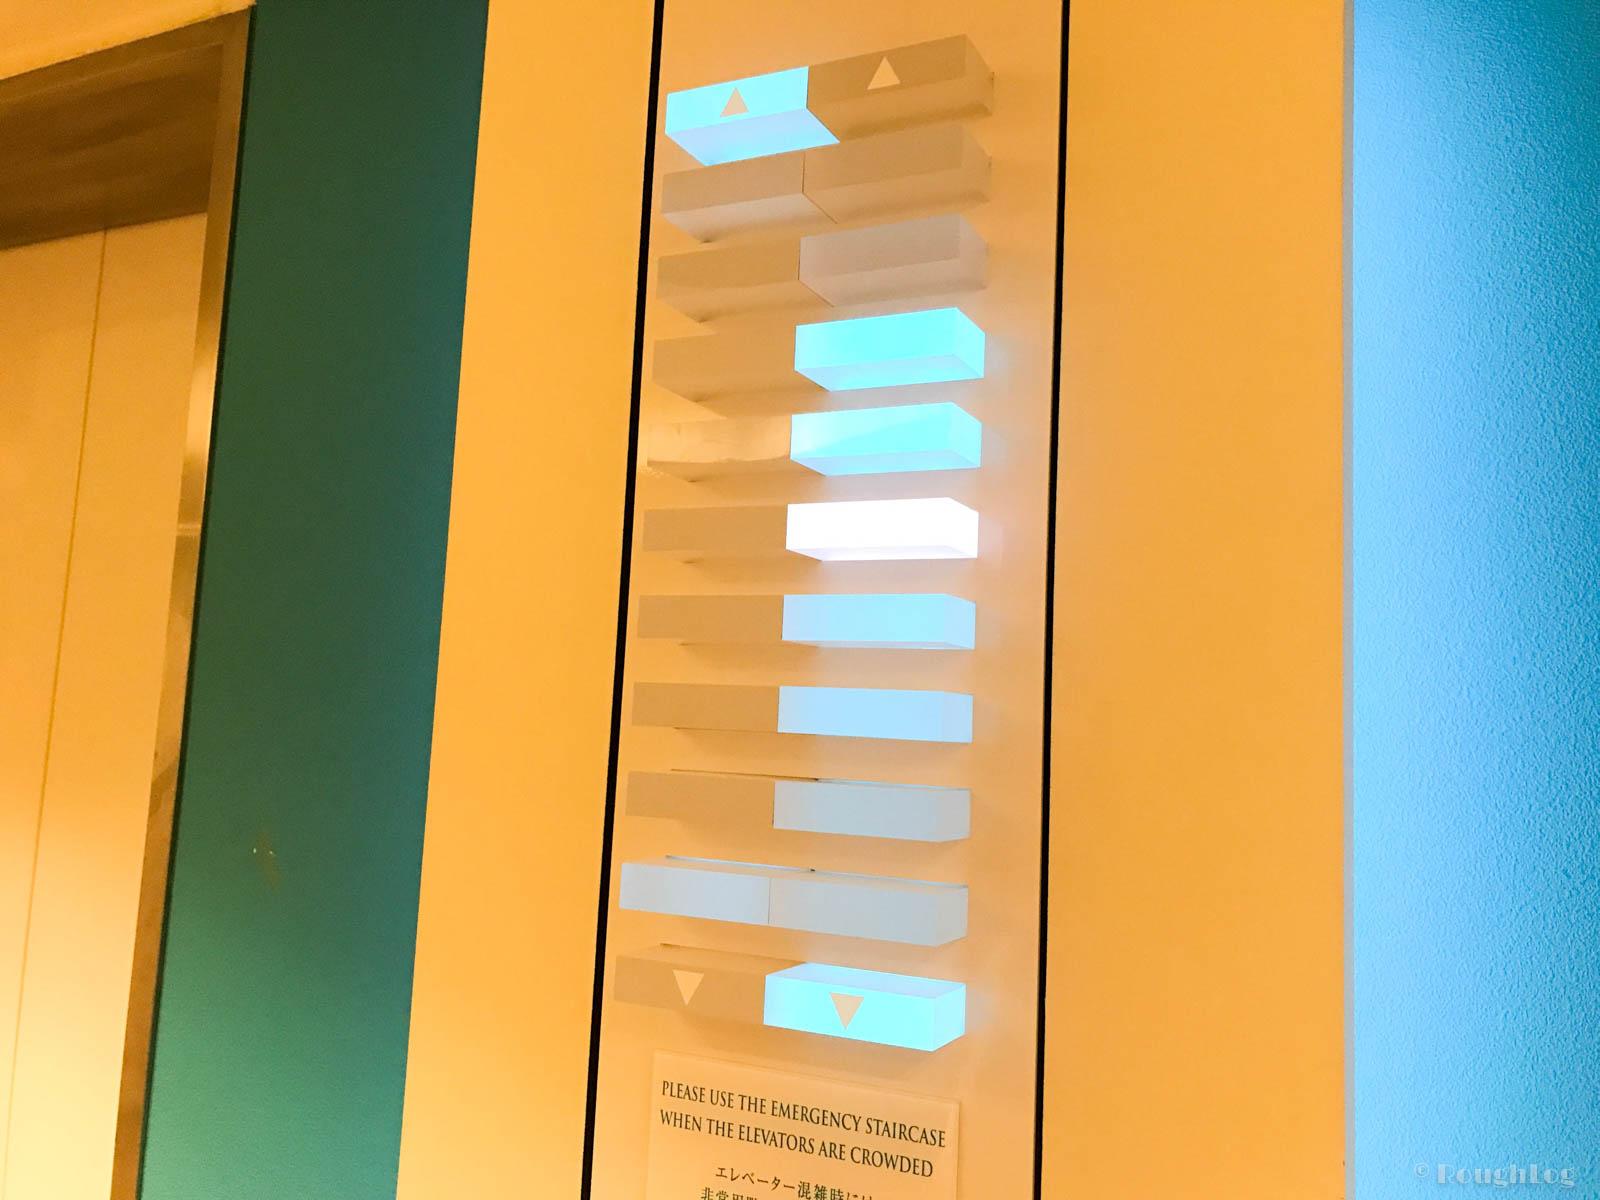 ANAインターコンチネンタル万座ビーチリゾートホテルのエレベーターが特徴的